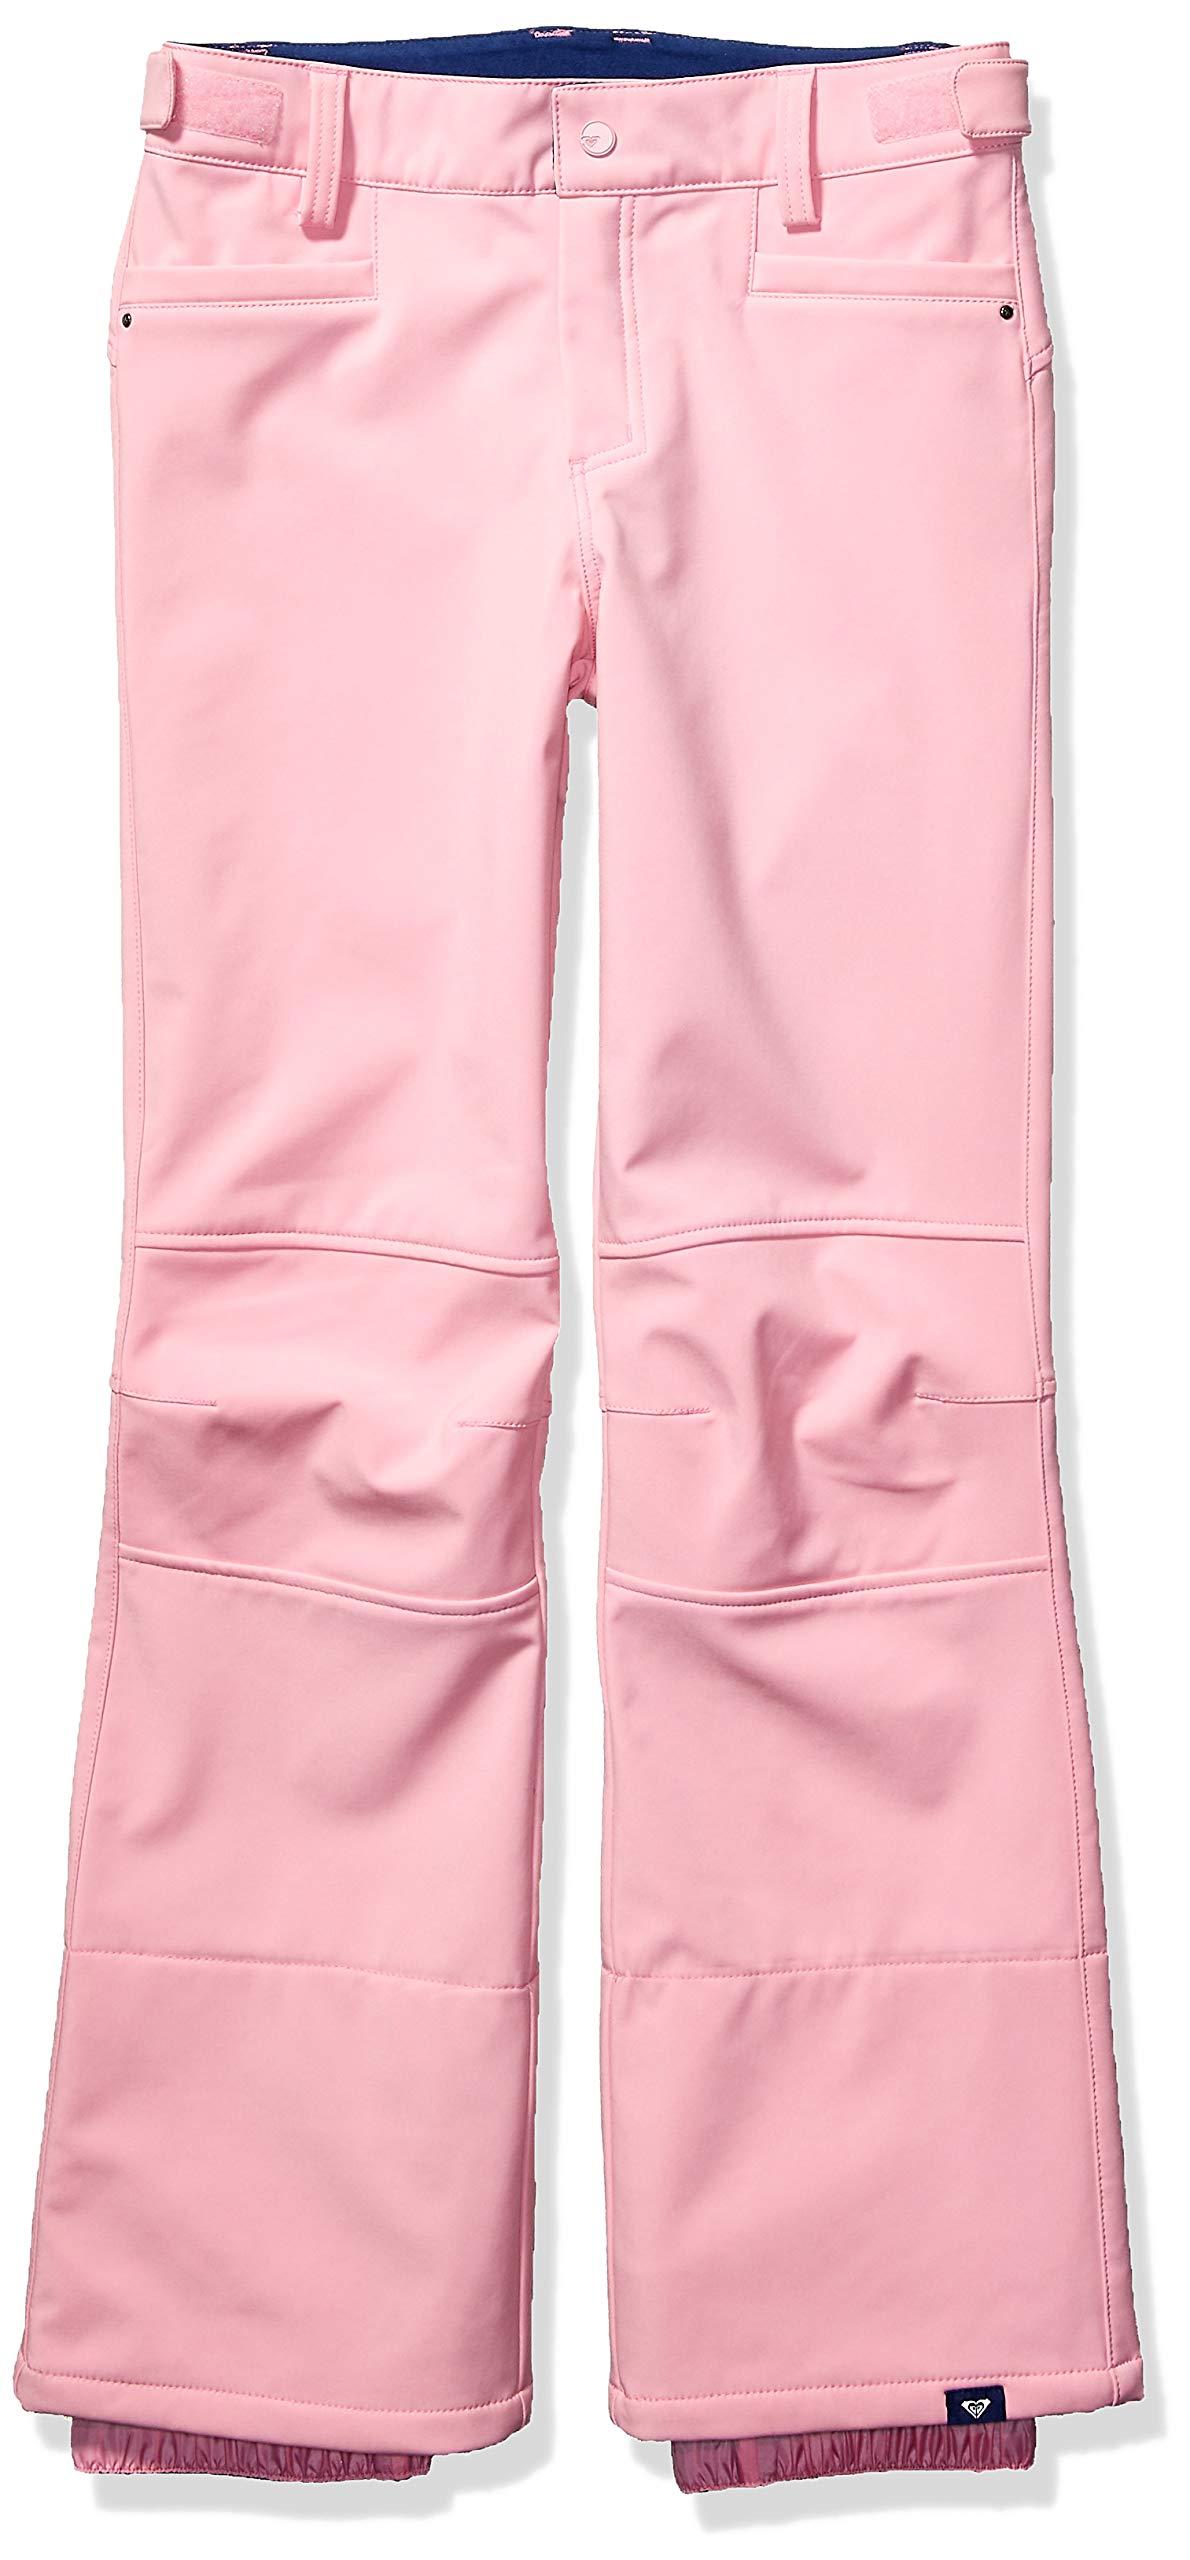 Roxy SNOW Creek Girl Pant, Prism Pink, 16,XXL by Roxy SNOW